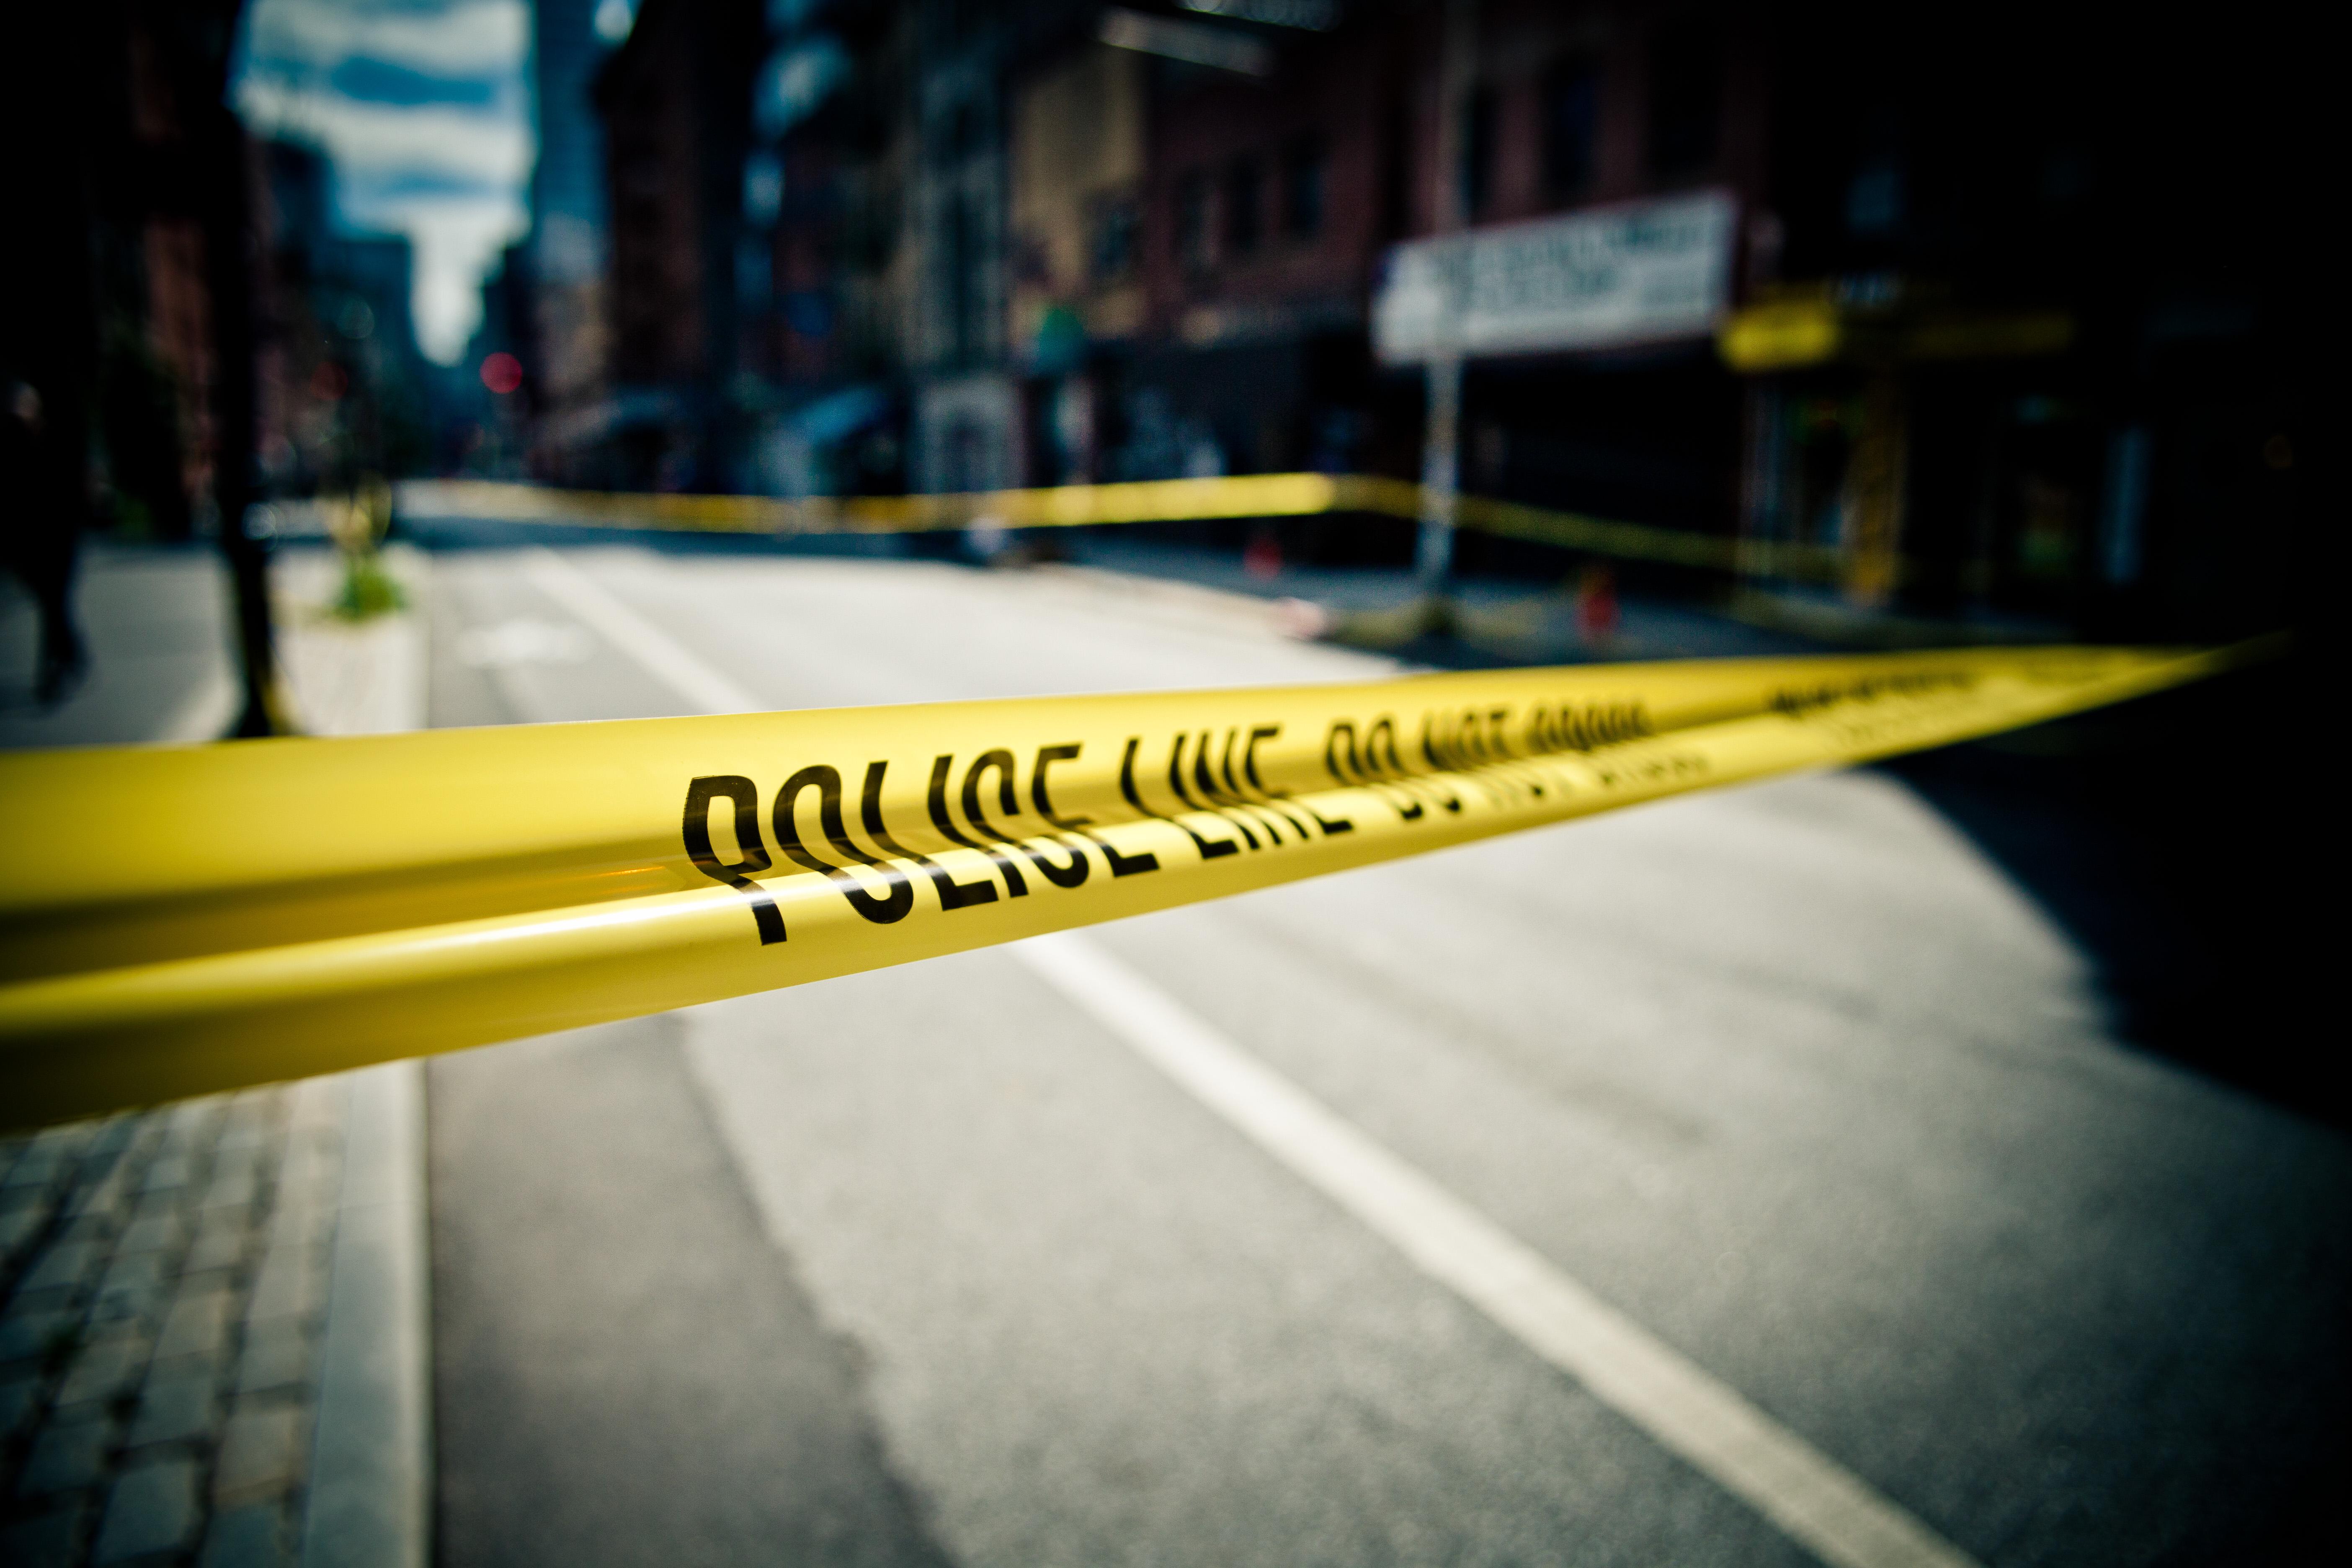 Police tape blocks off a crime scene.